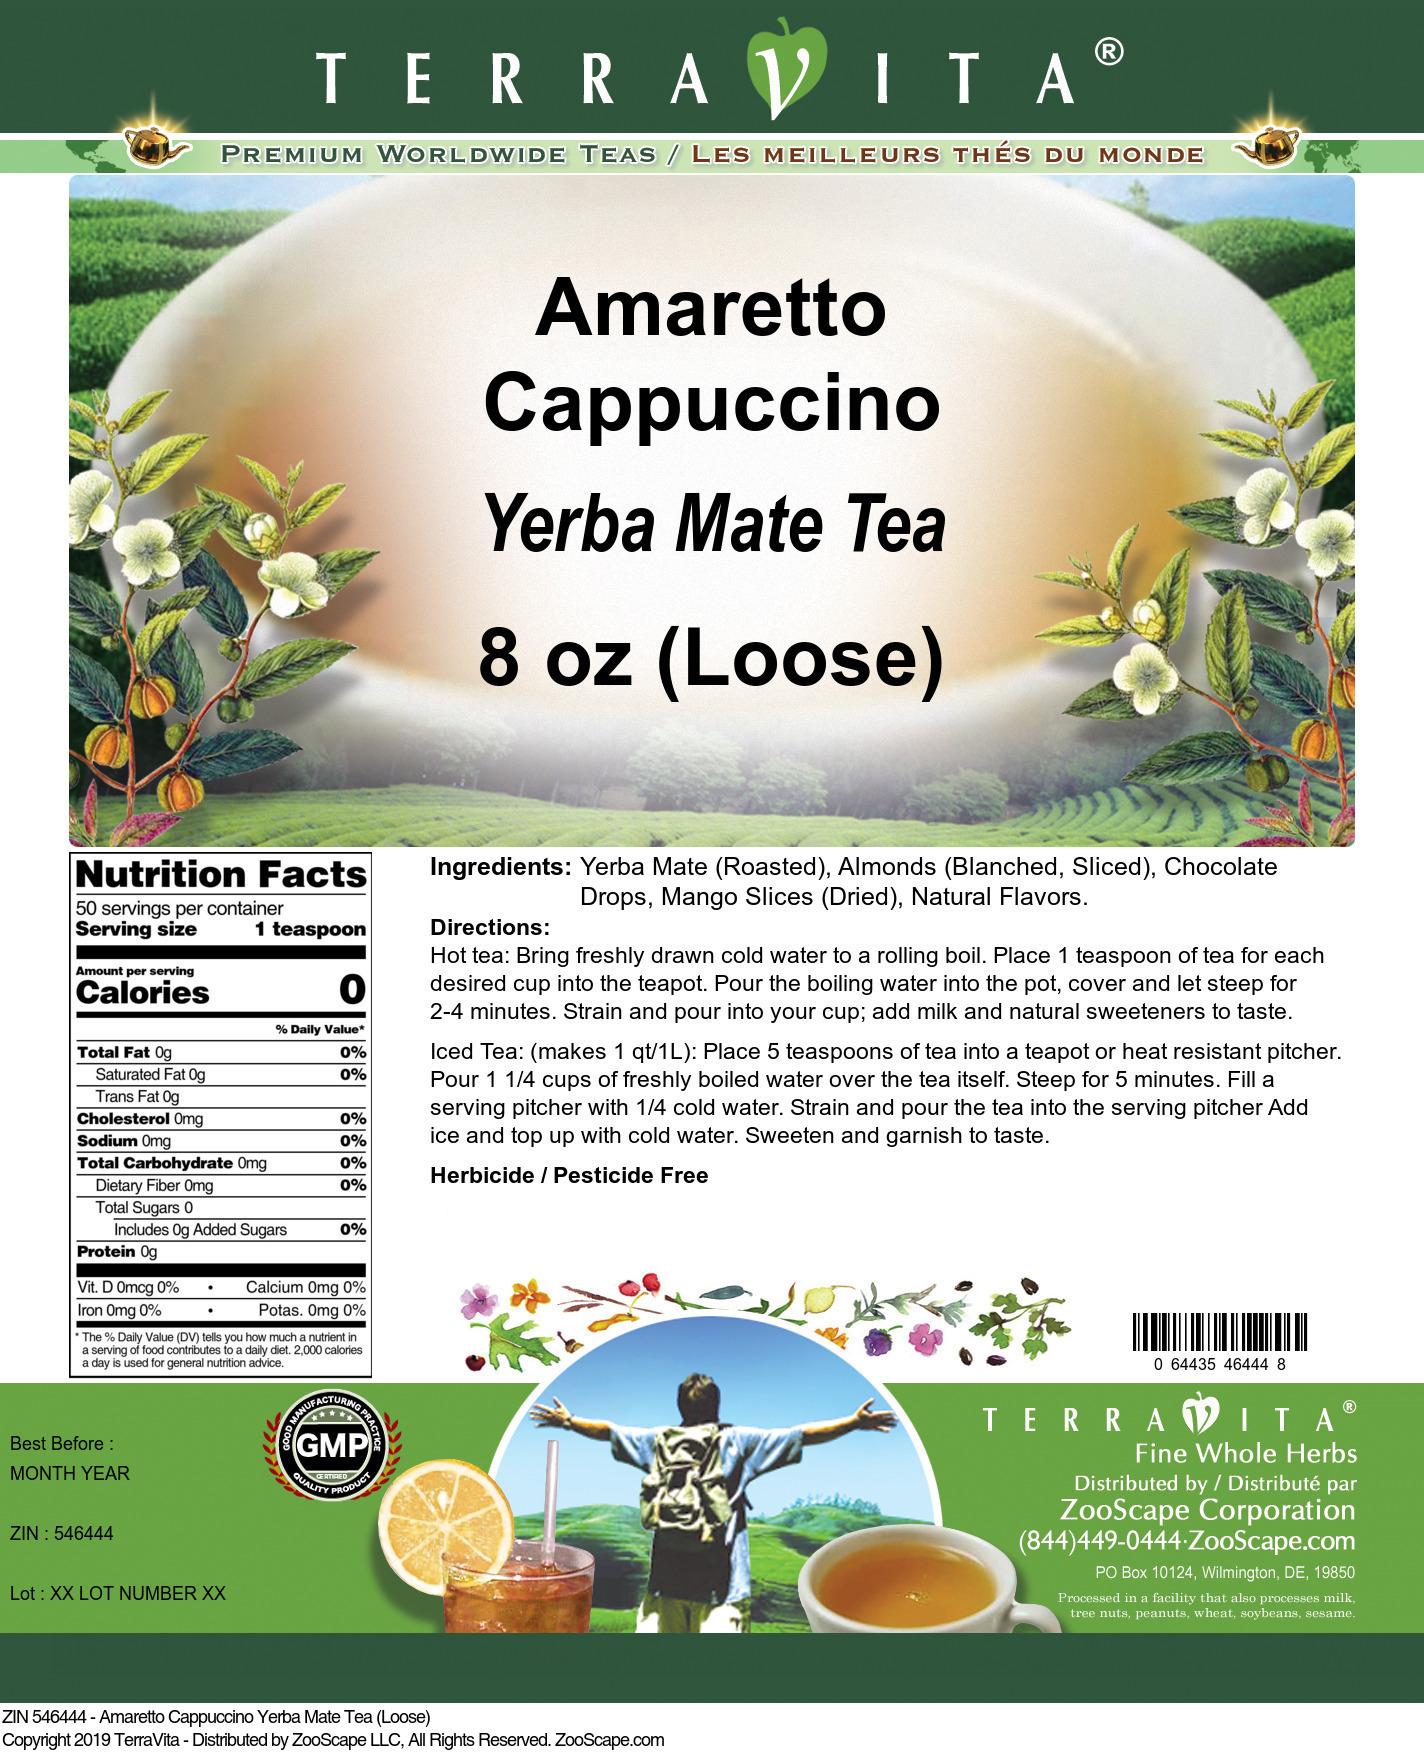 Amaretto Cappuccino Yerba Mate Tea (Loose)